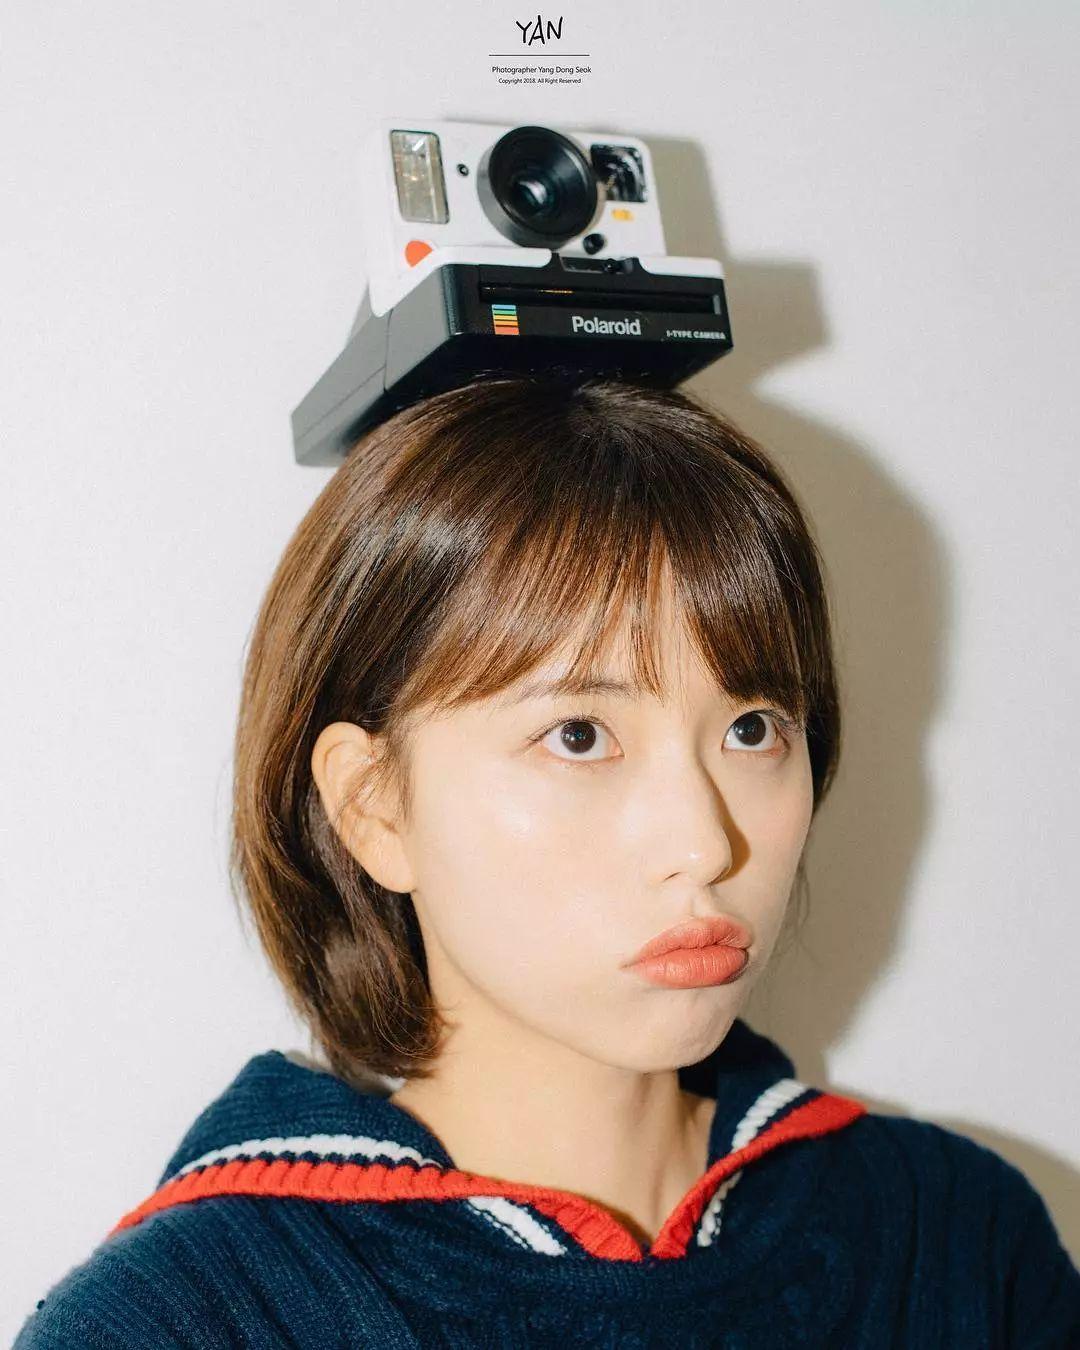 时尚 正文  摄影师 ins: yan_pic 摄影师 ins: yan_pic 摄影师 ins图片